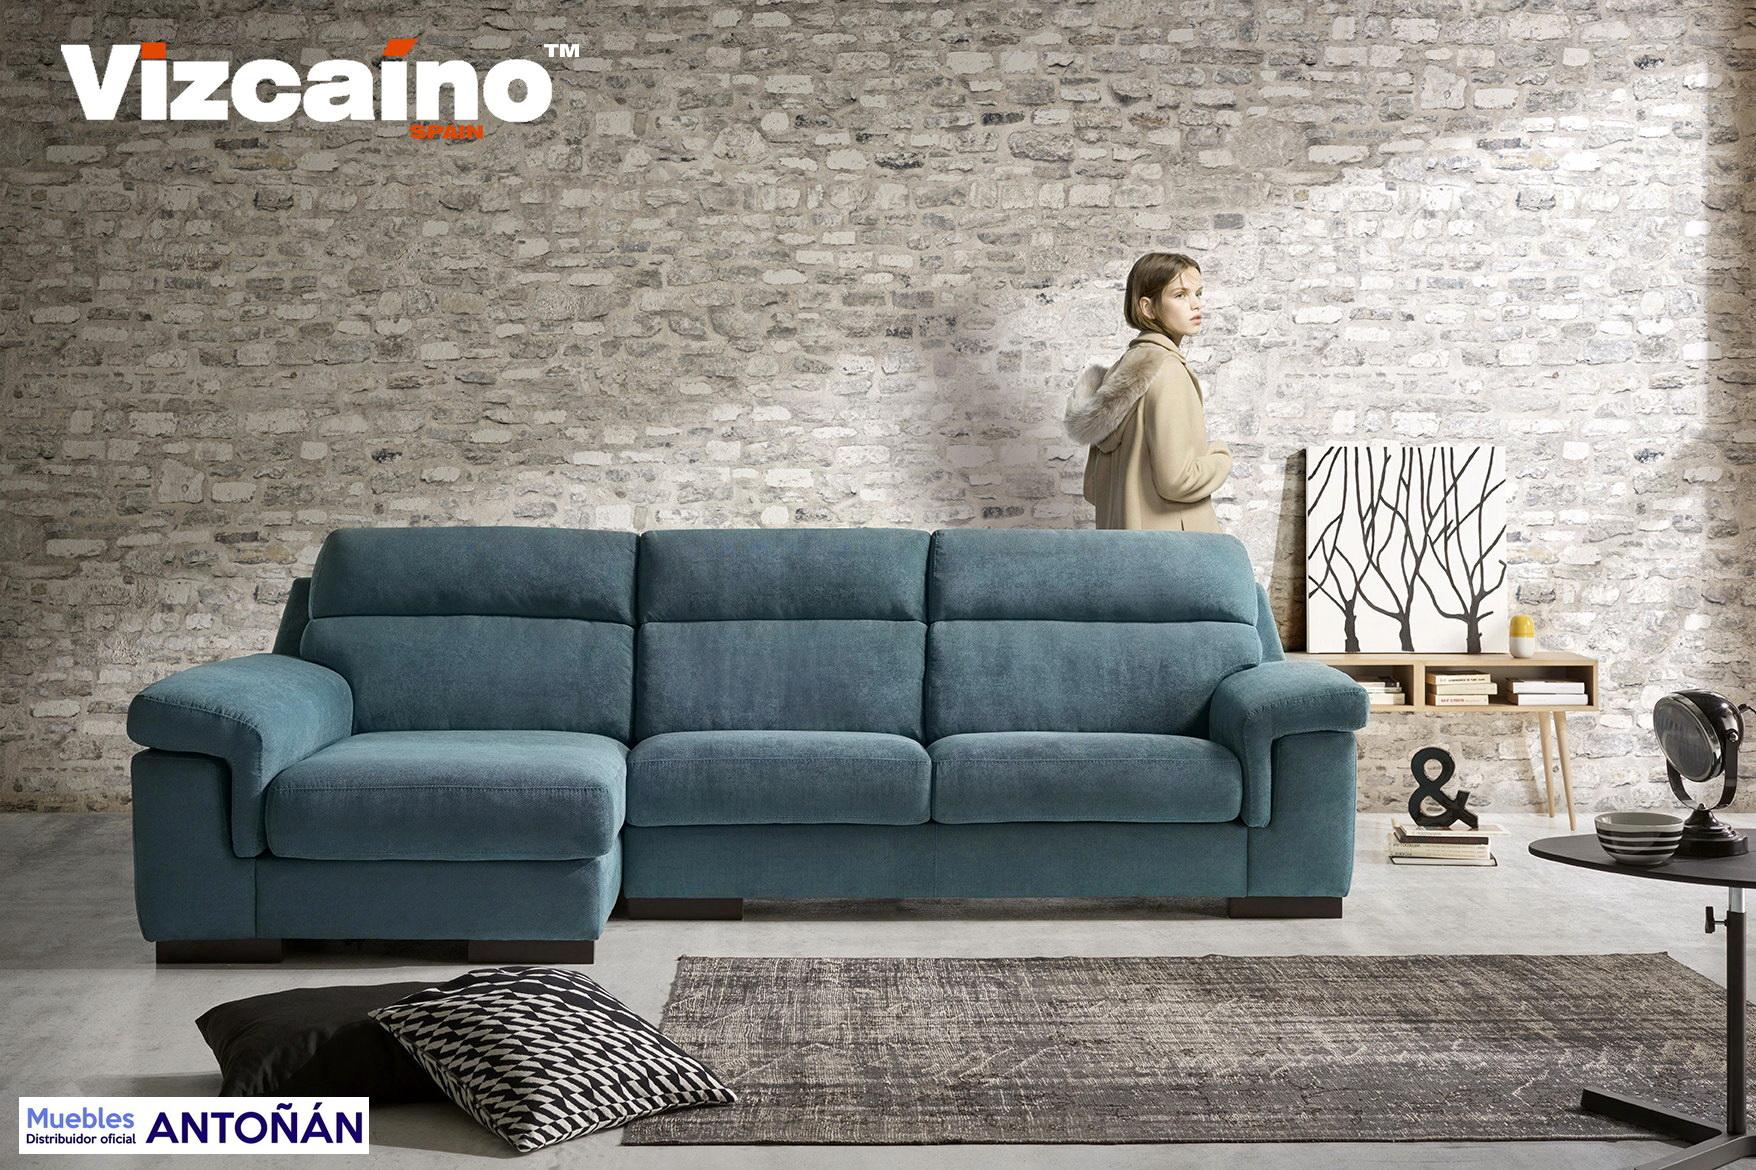 York sof modular fijo by vizca no tapizados muebles anto n for Muebles en leon baratos